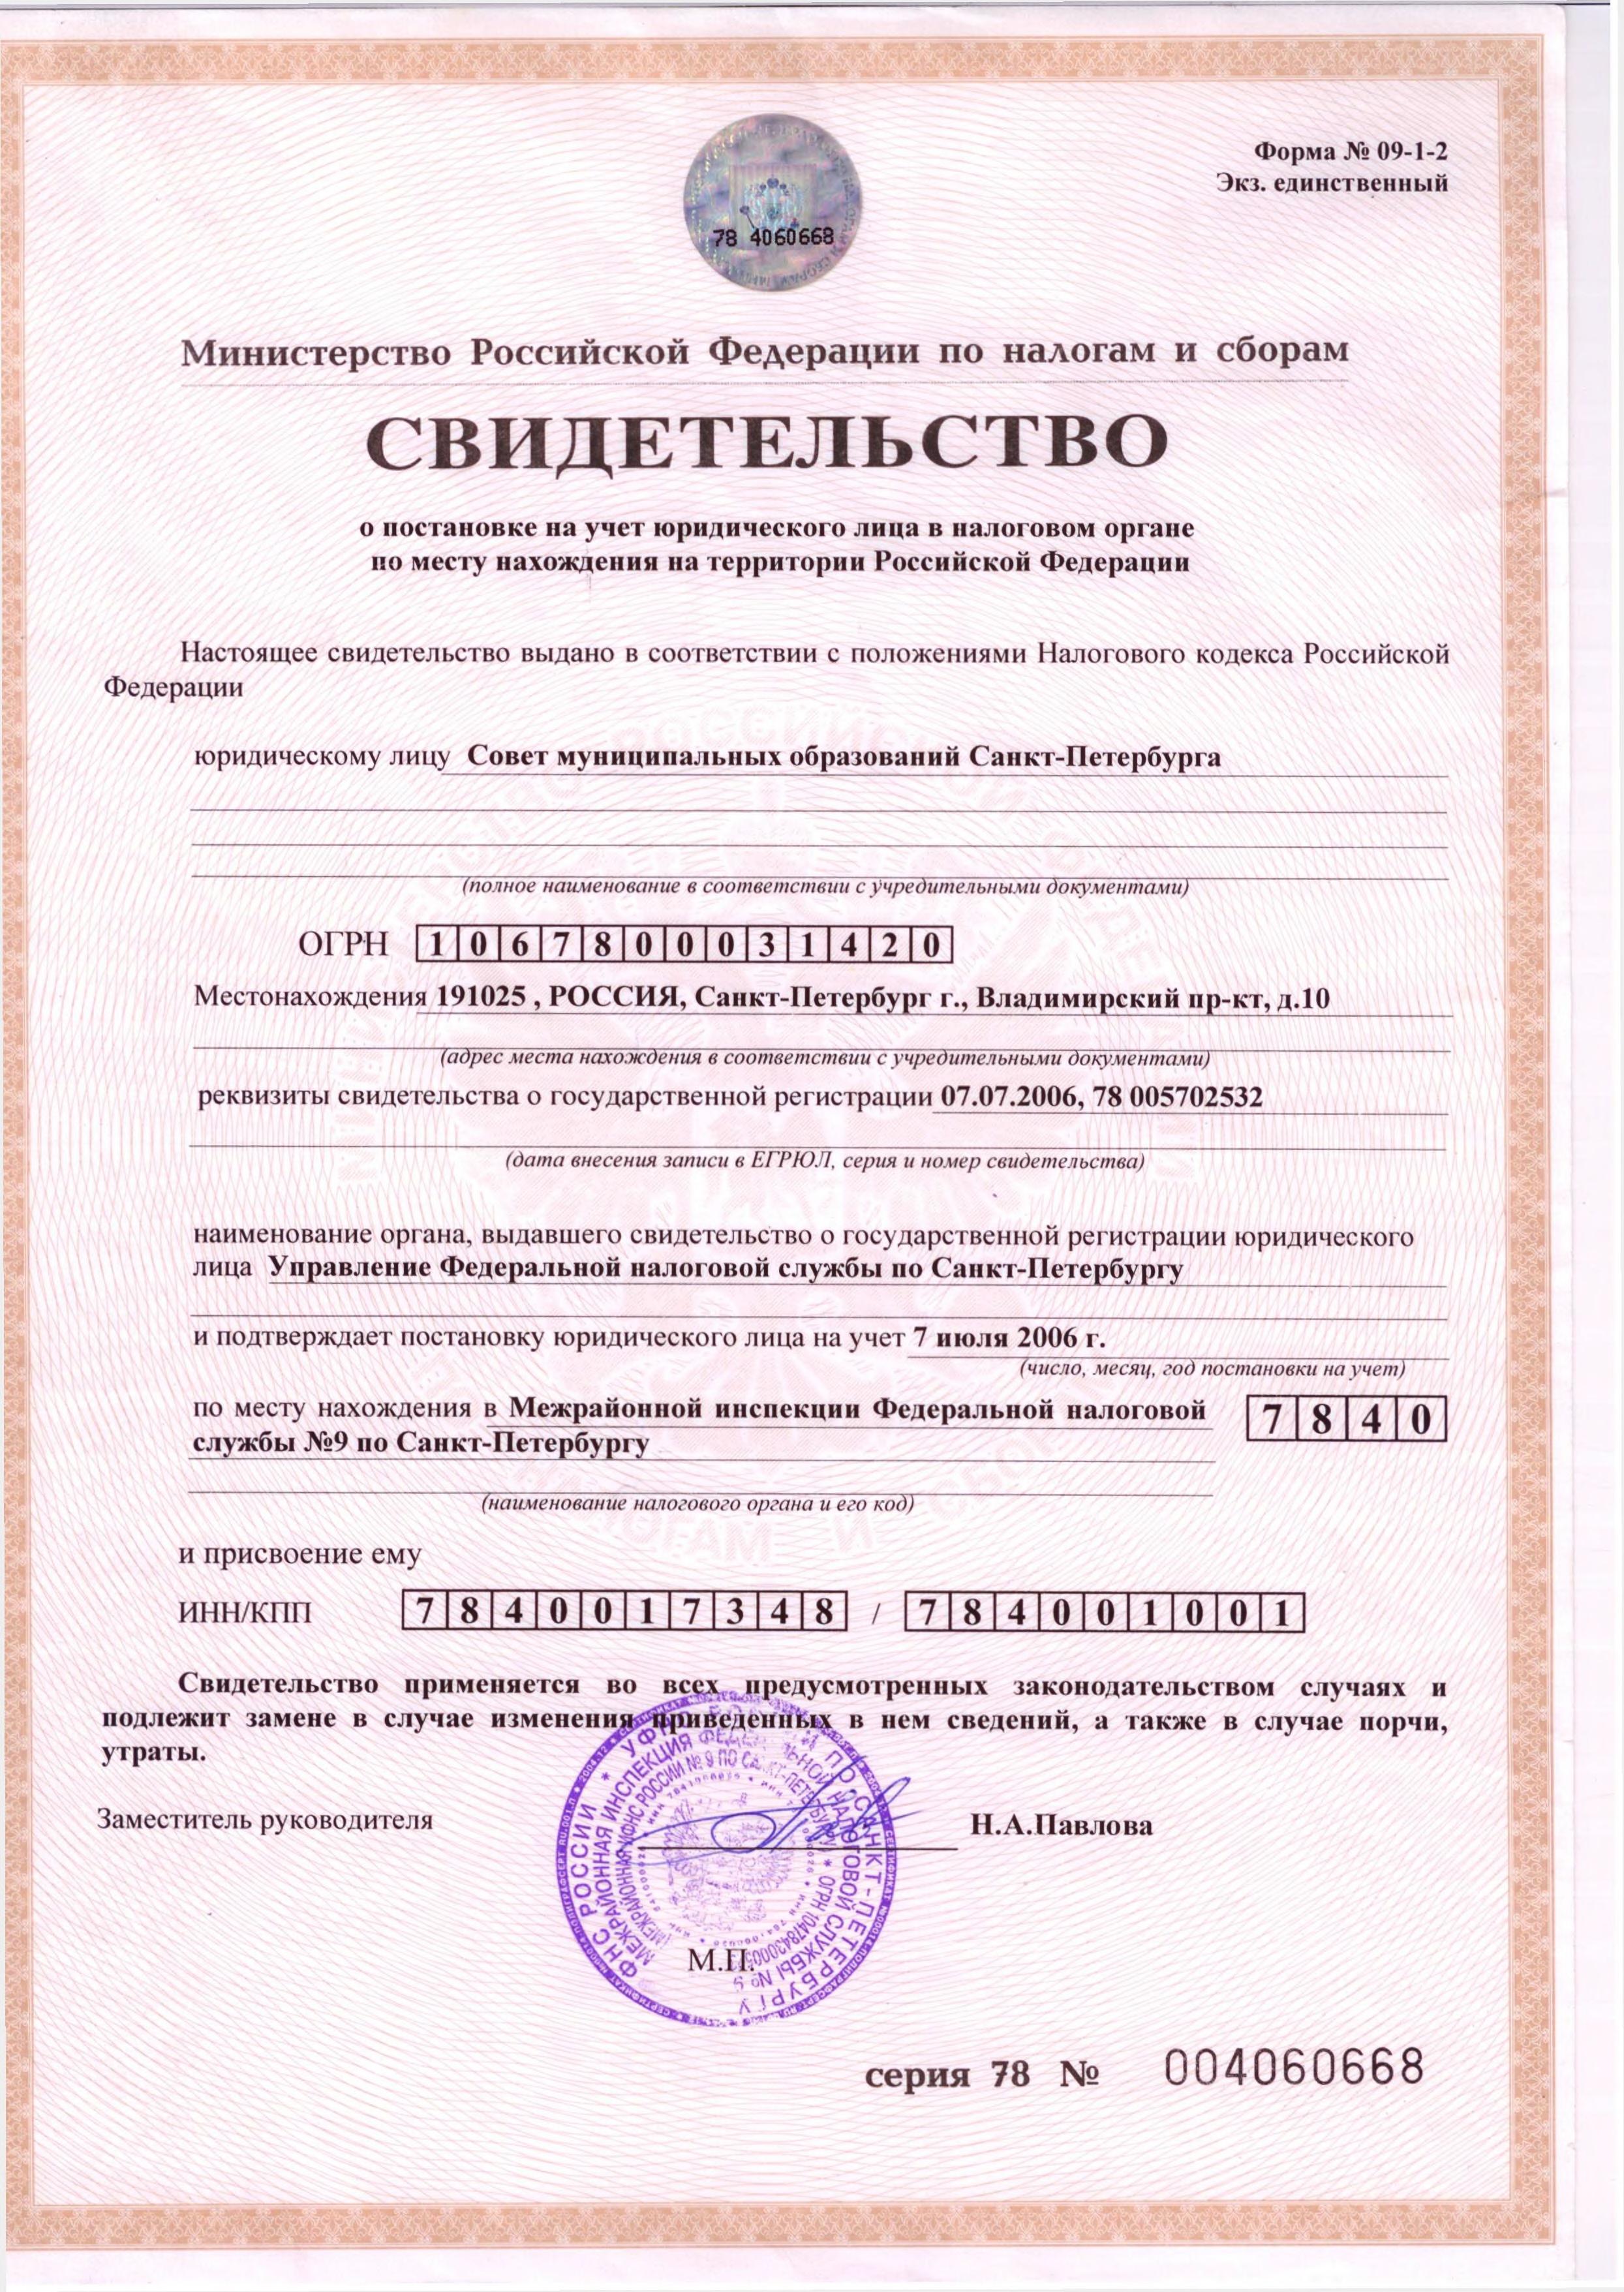 бланк для регистрации авто юридич лицом